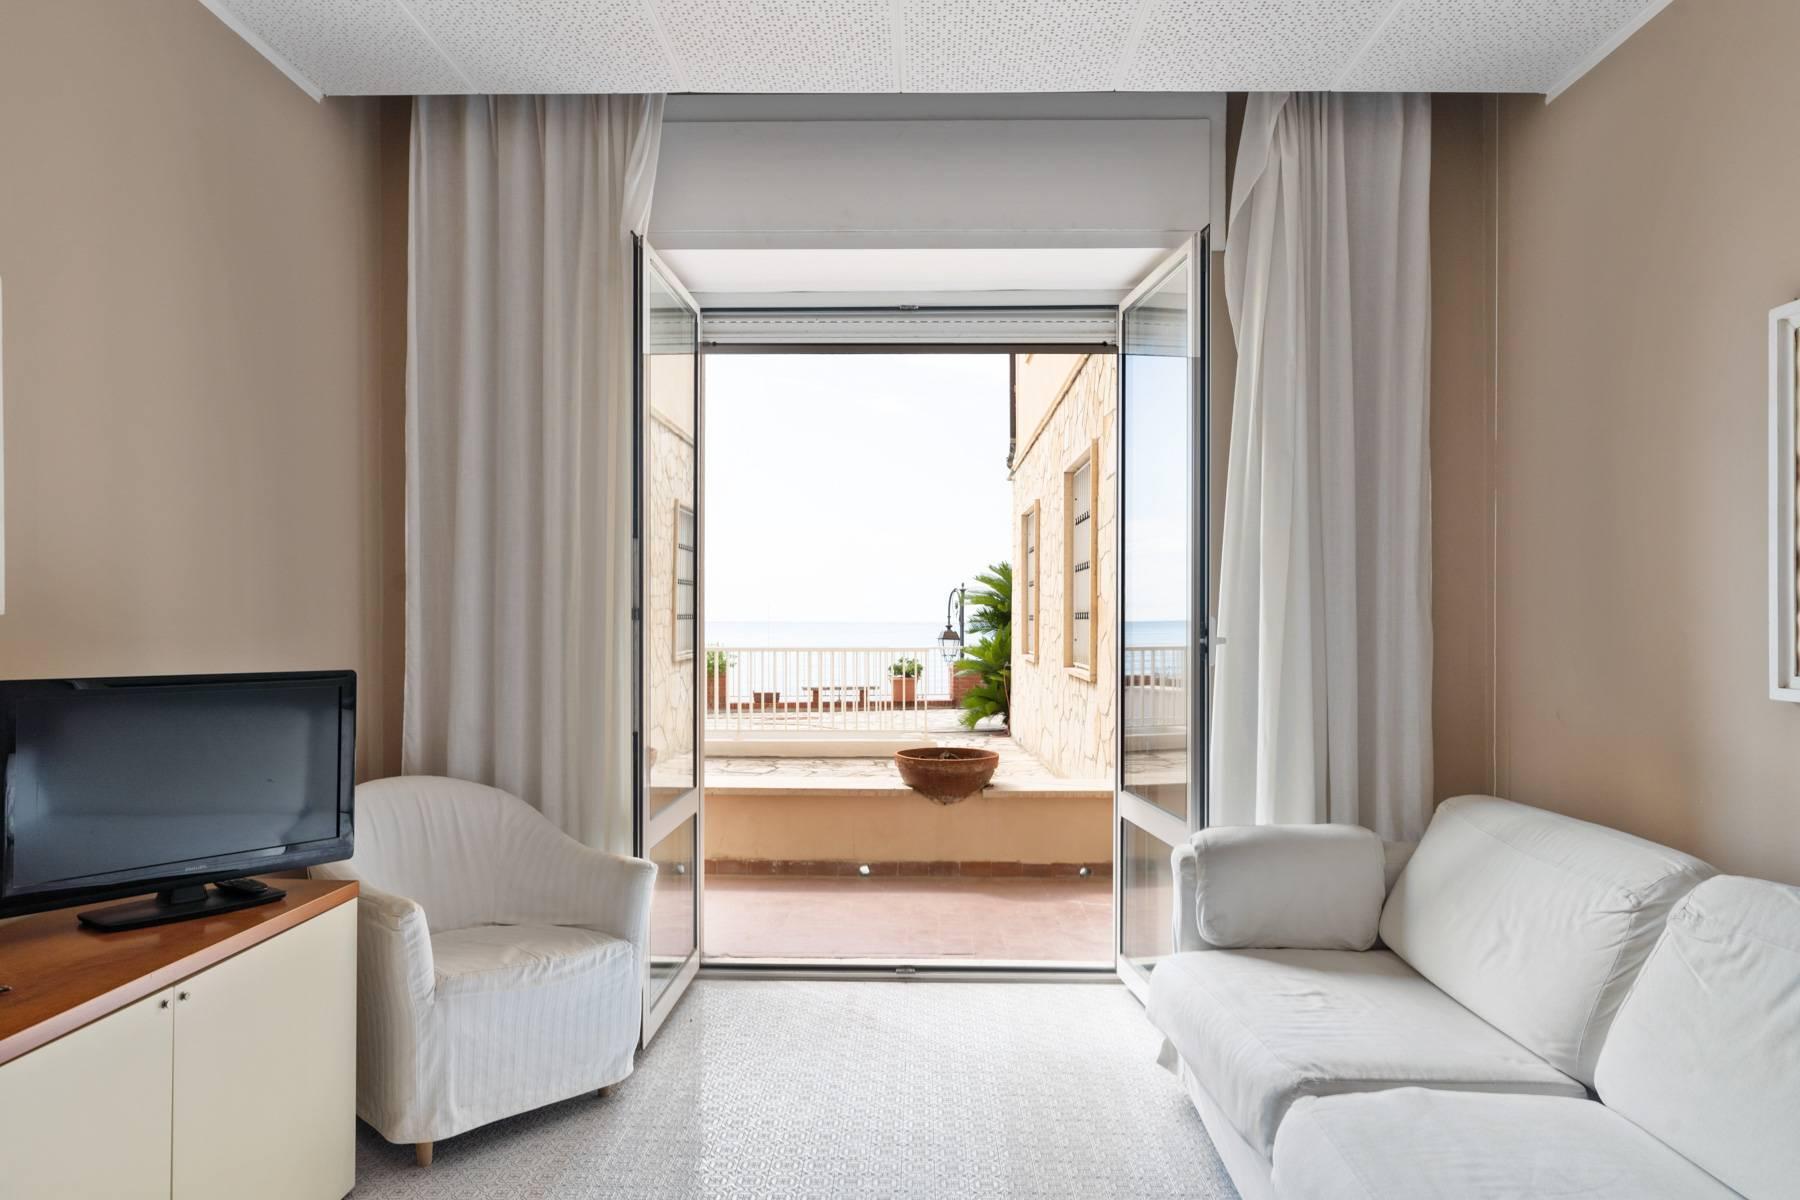 Wohnung am Meer mit wunderscöner Terrasse - 5